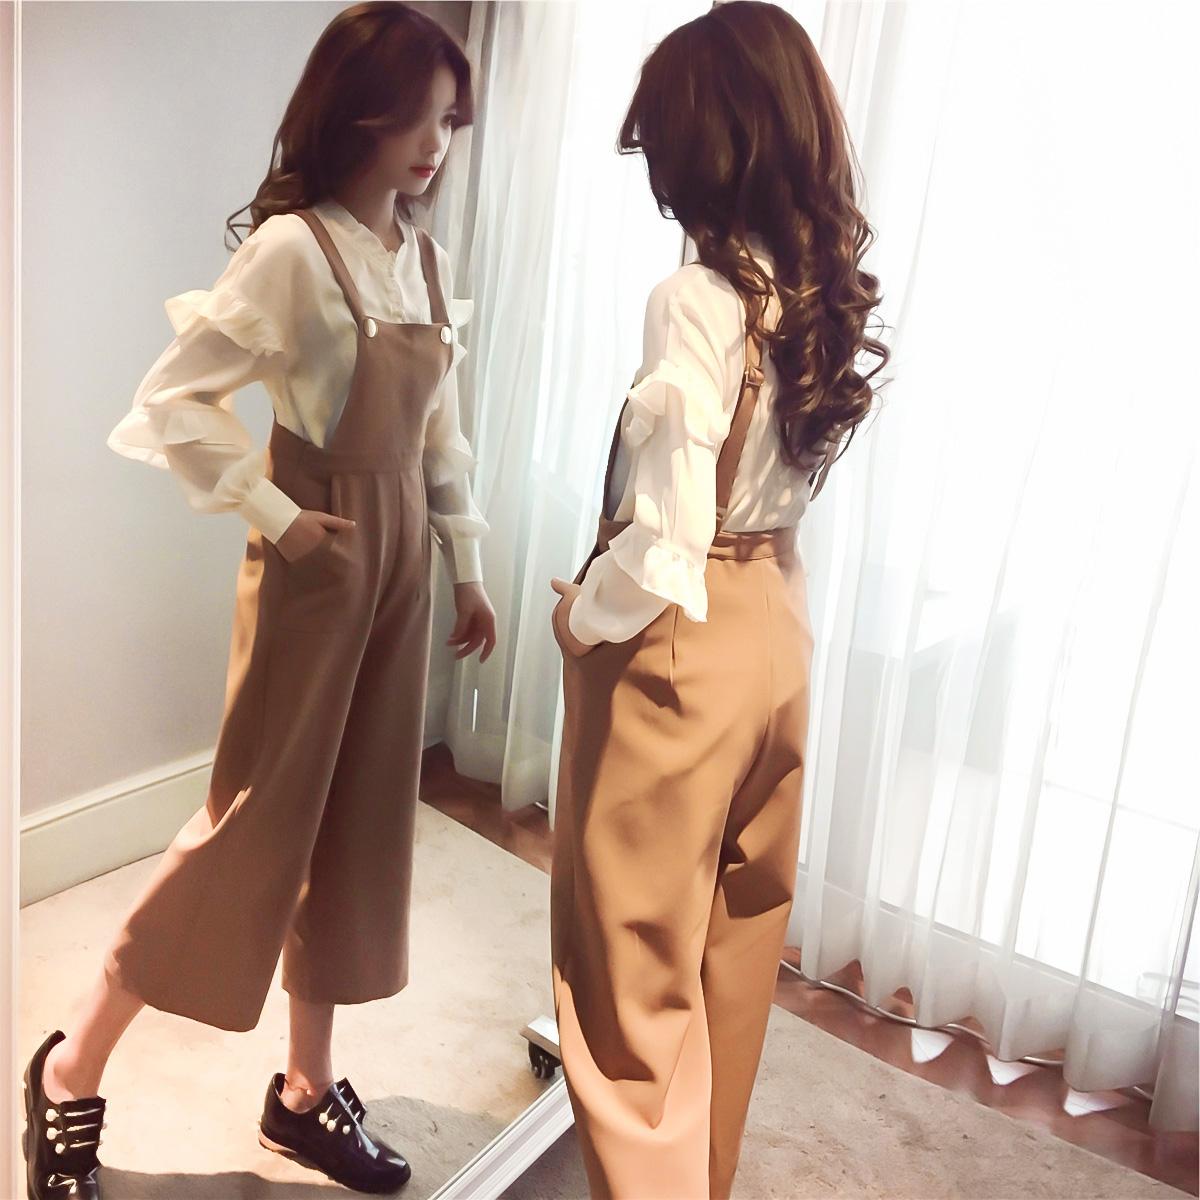 大码女装2018新款胖mm春秋装最爱微胖减龄时尚洋气显瘦阔腿裤套装